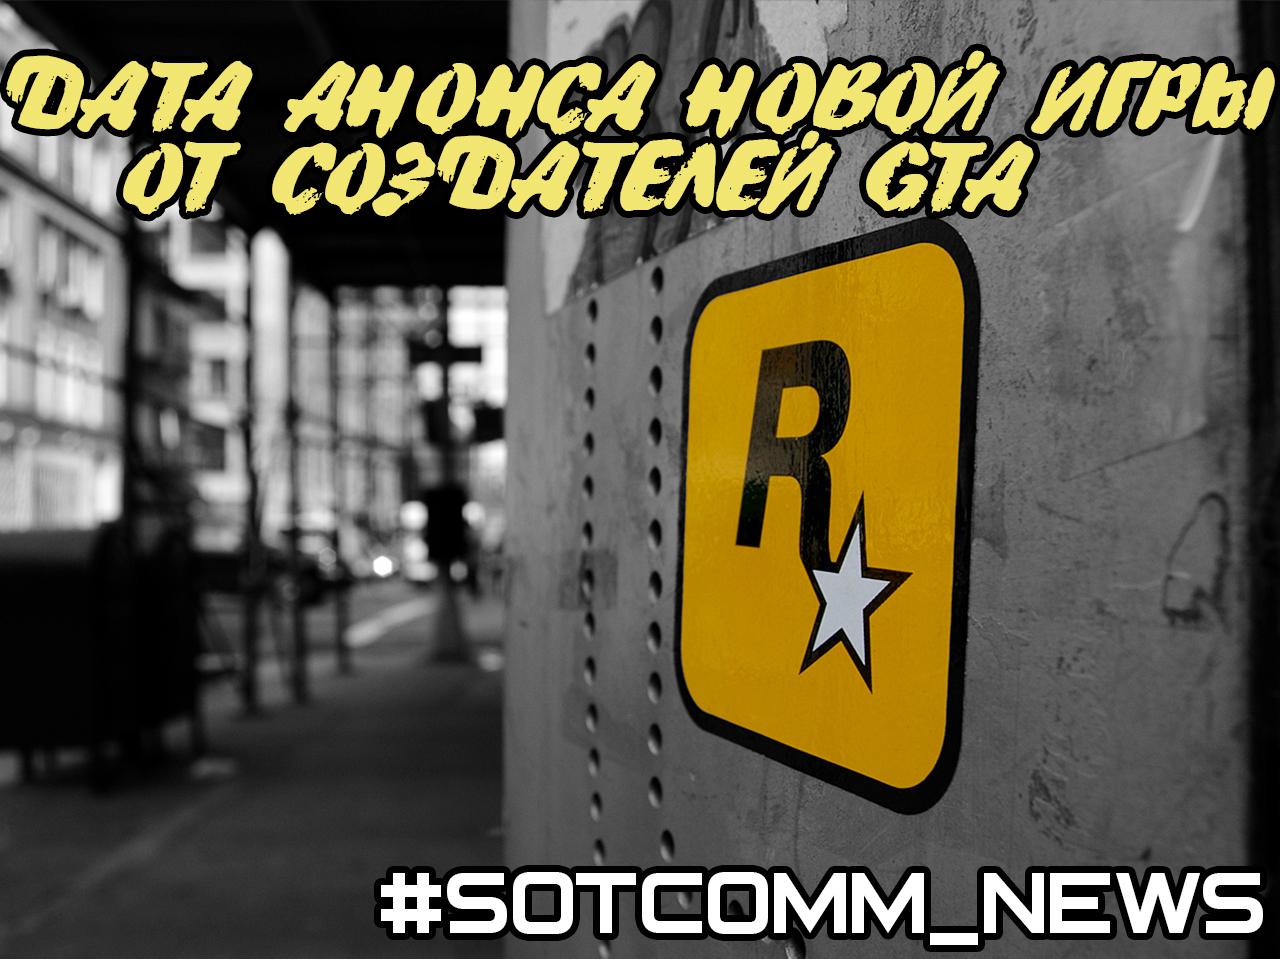 Названа дата анонса новой игры от Rockstar